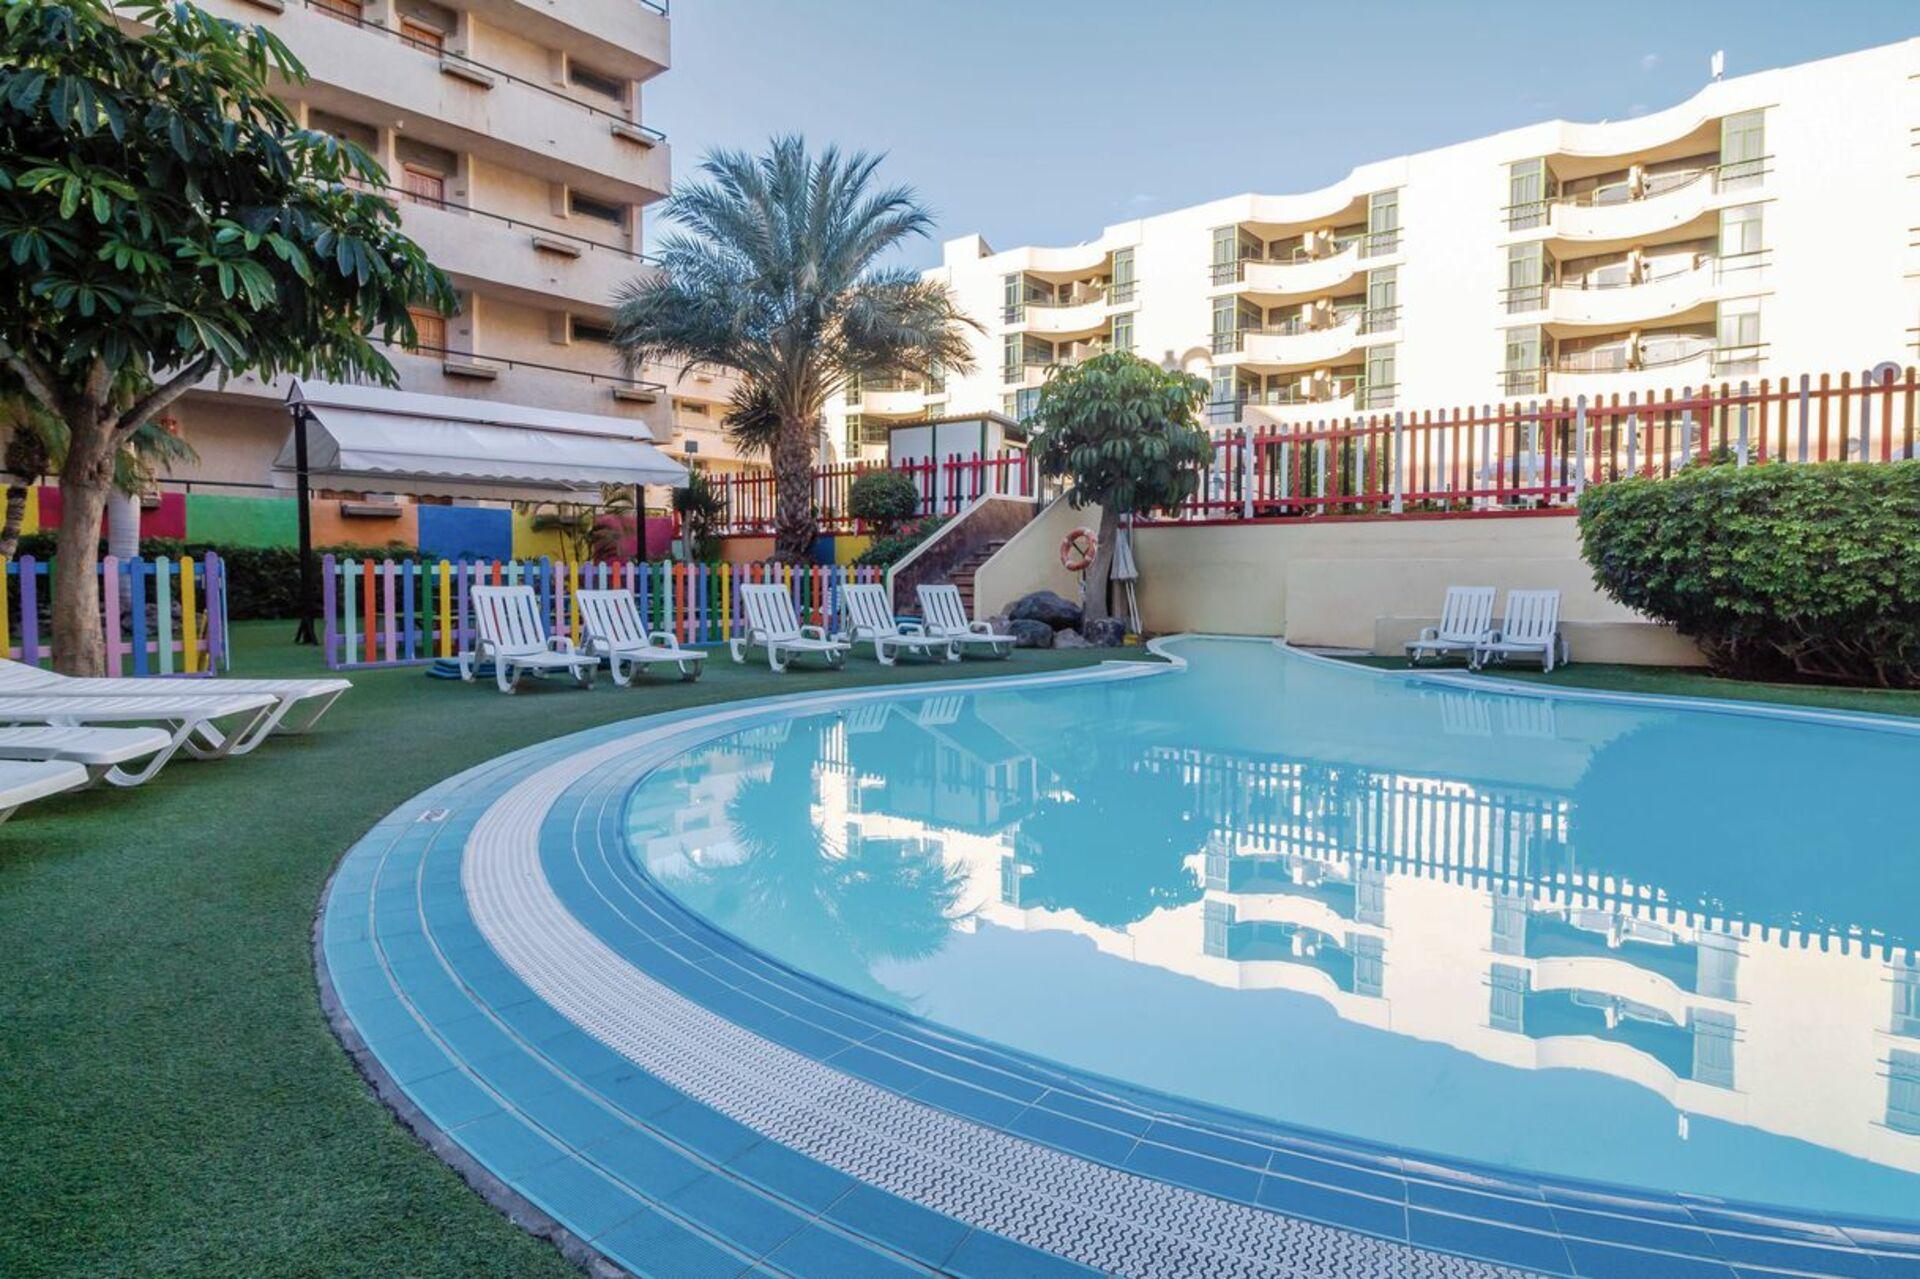 Labranda Hotel Isla Bonita i Costa Adeje på Tenerife. (Foto: Labranda Hotels | PR)